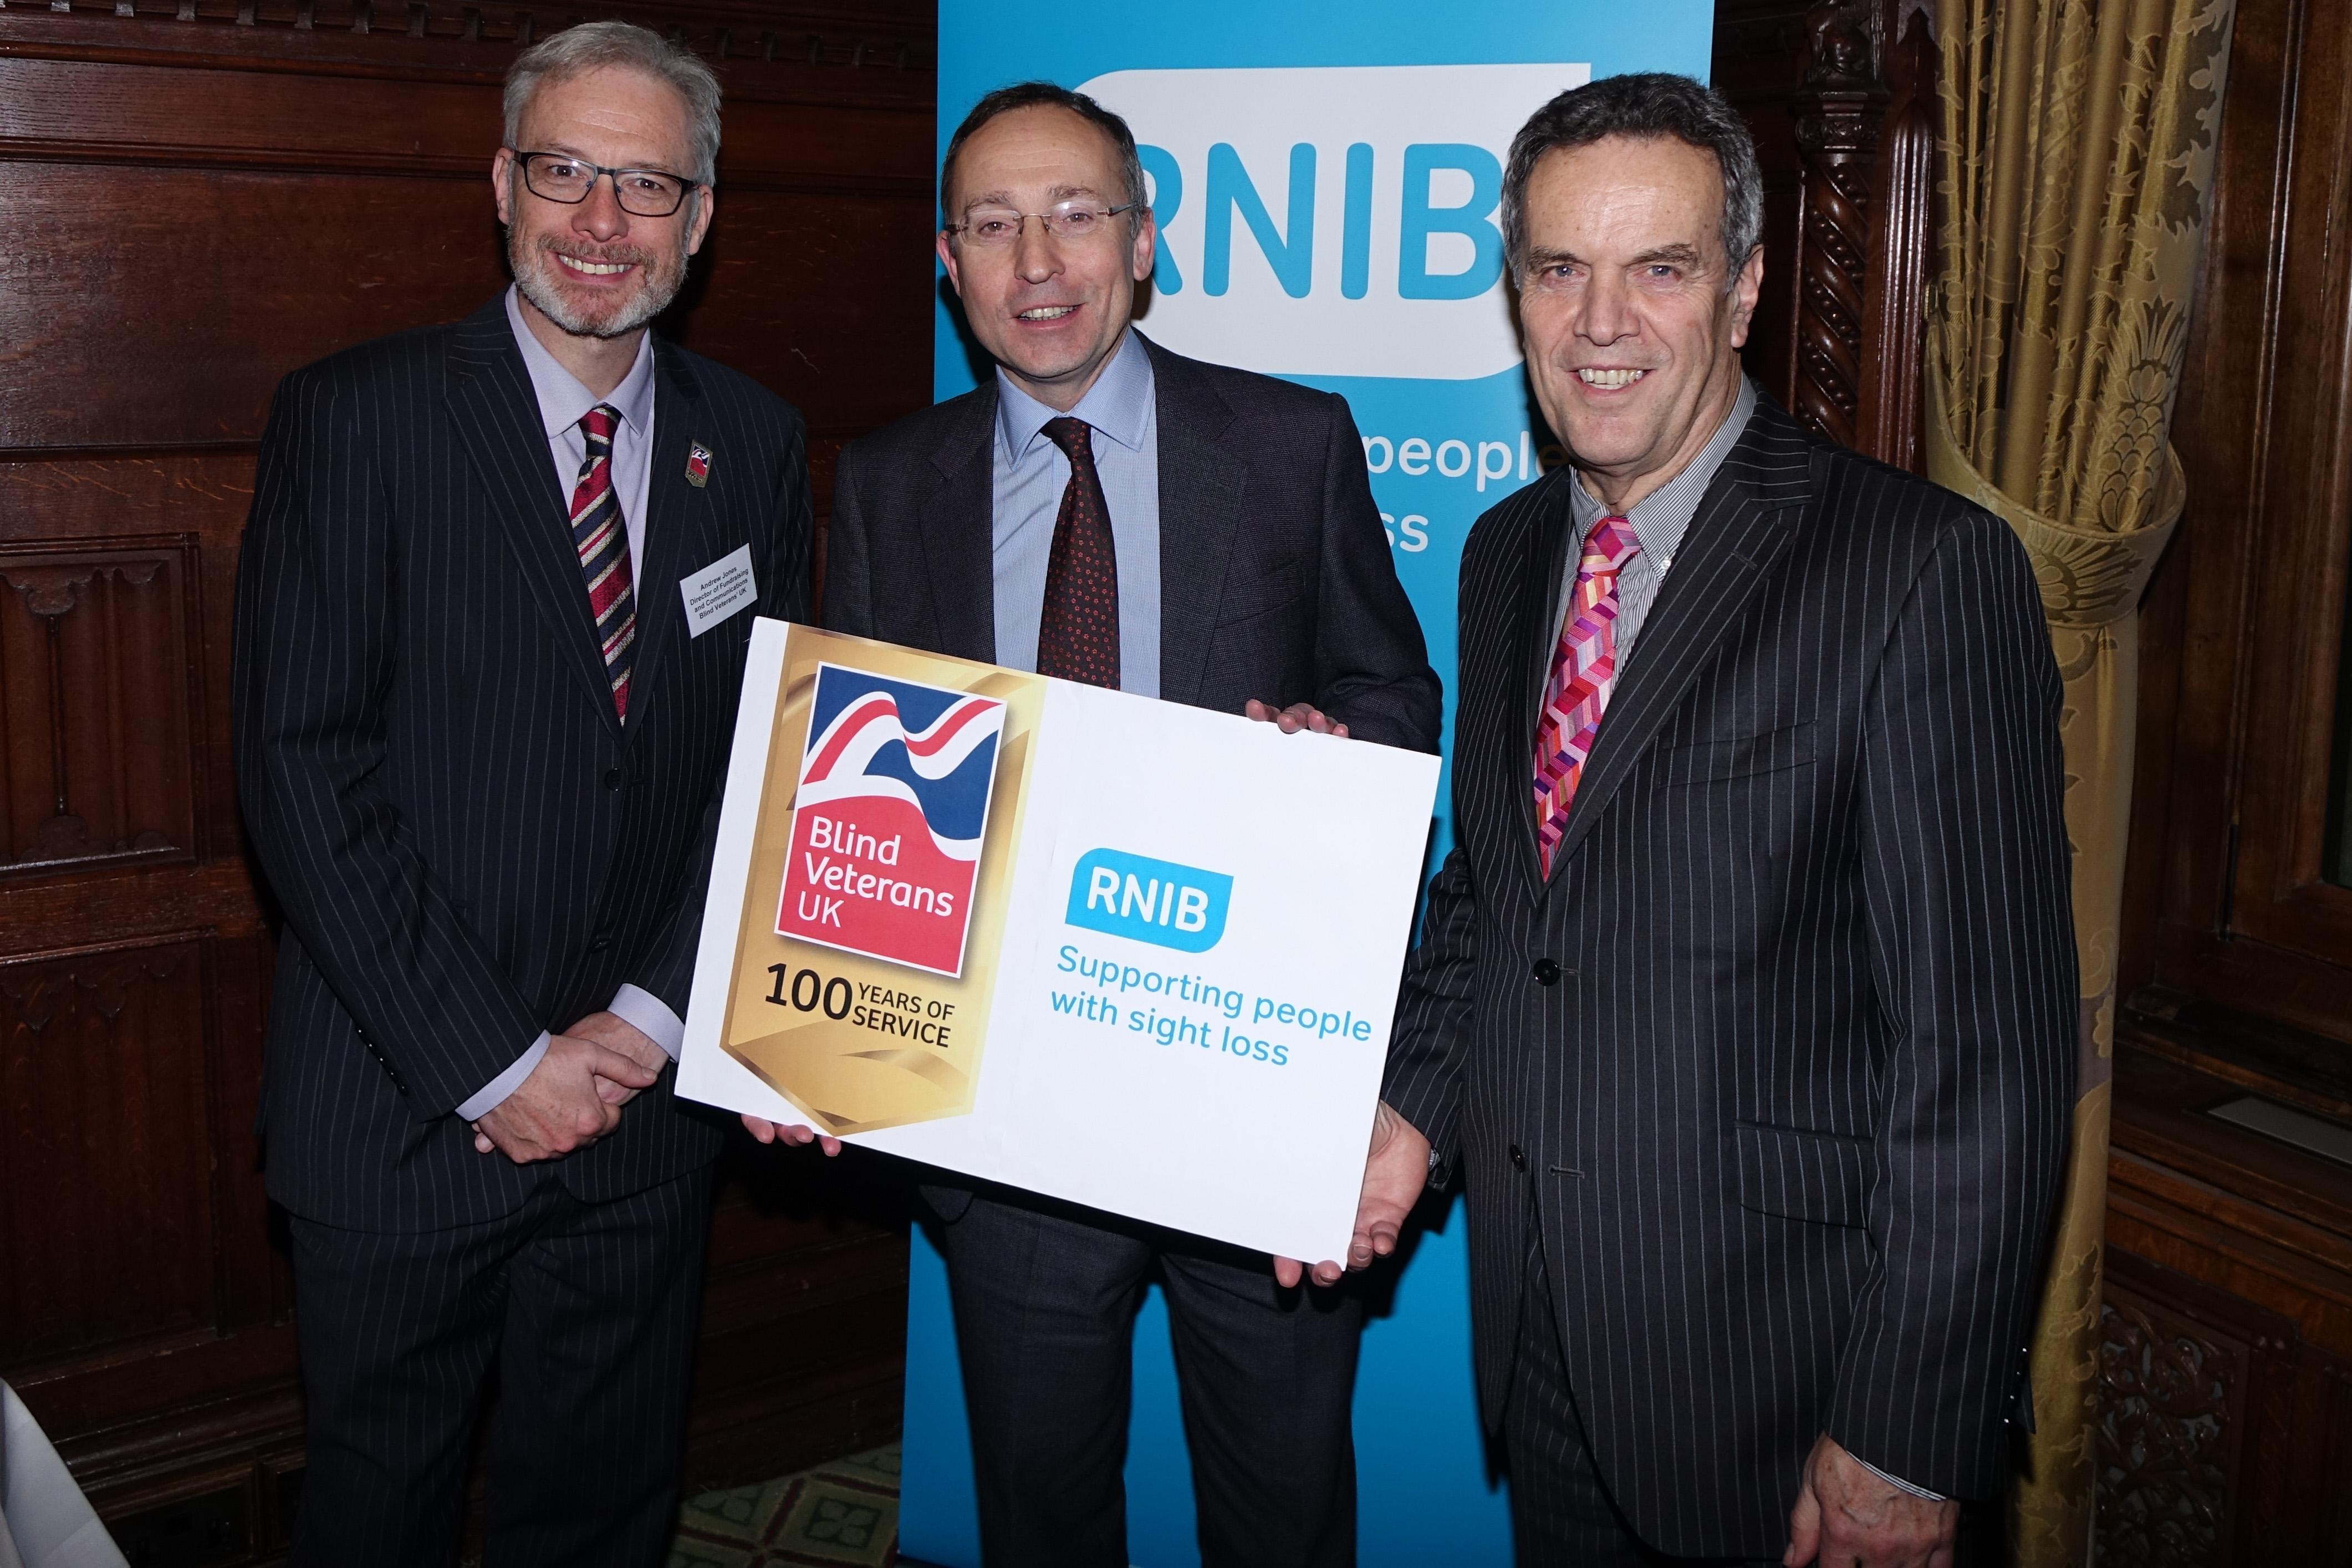 Andy_Slaughter_MP__Steve_Winyard_(RNIB)__Andrew_Jones_(Blind_Veterans_UK).jpg